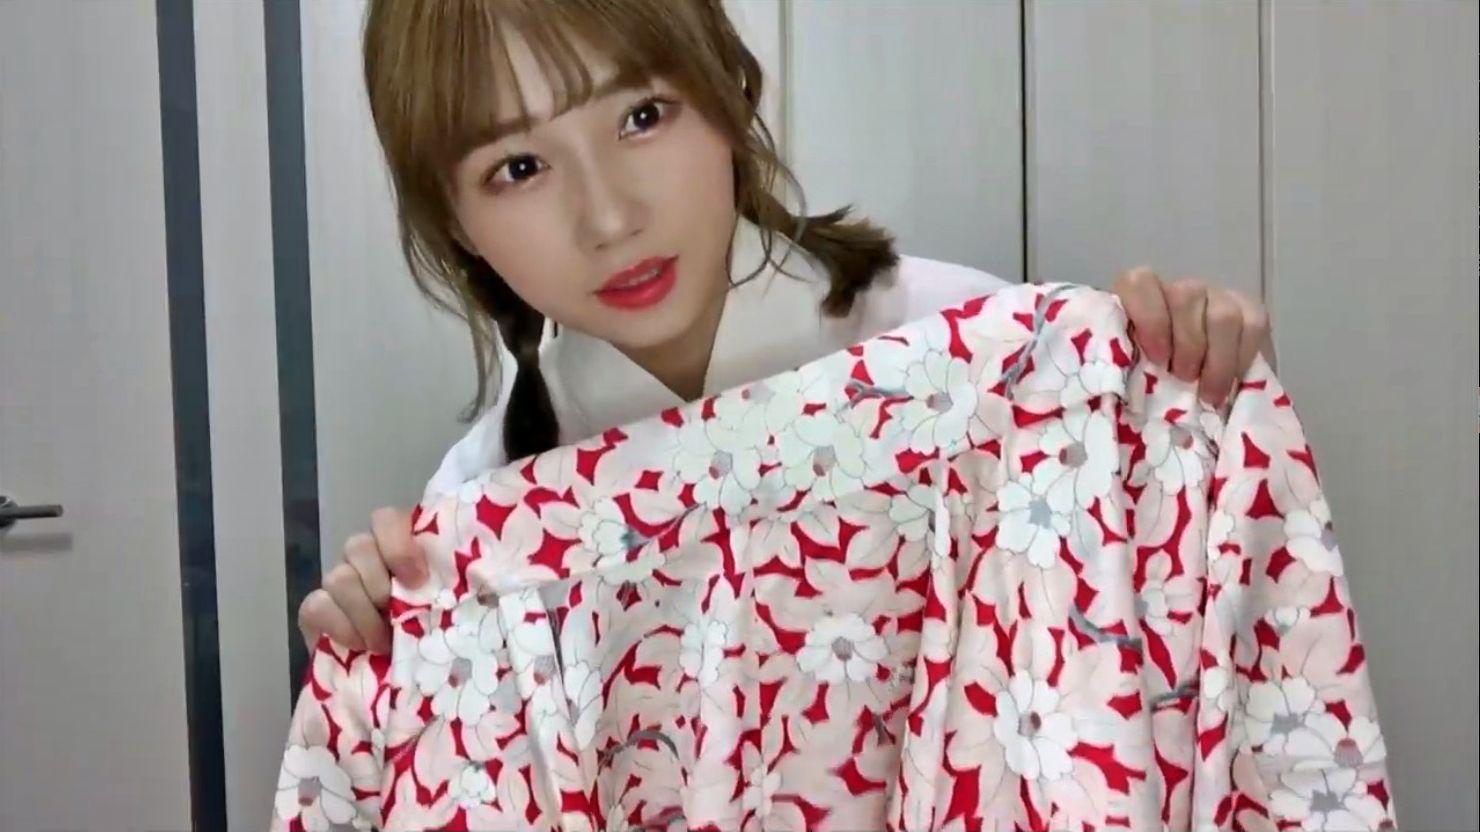 【菖蒲まりん】ひとりで着物を可愛く着る「着物の着付け」動画がなんか良い